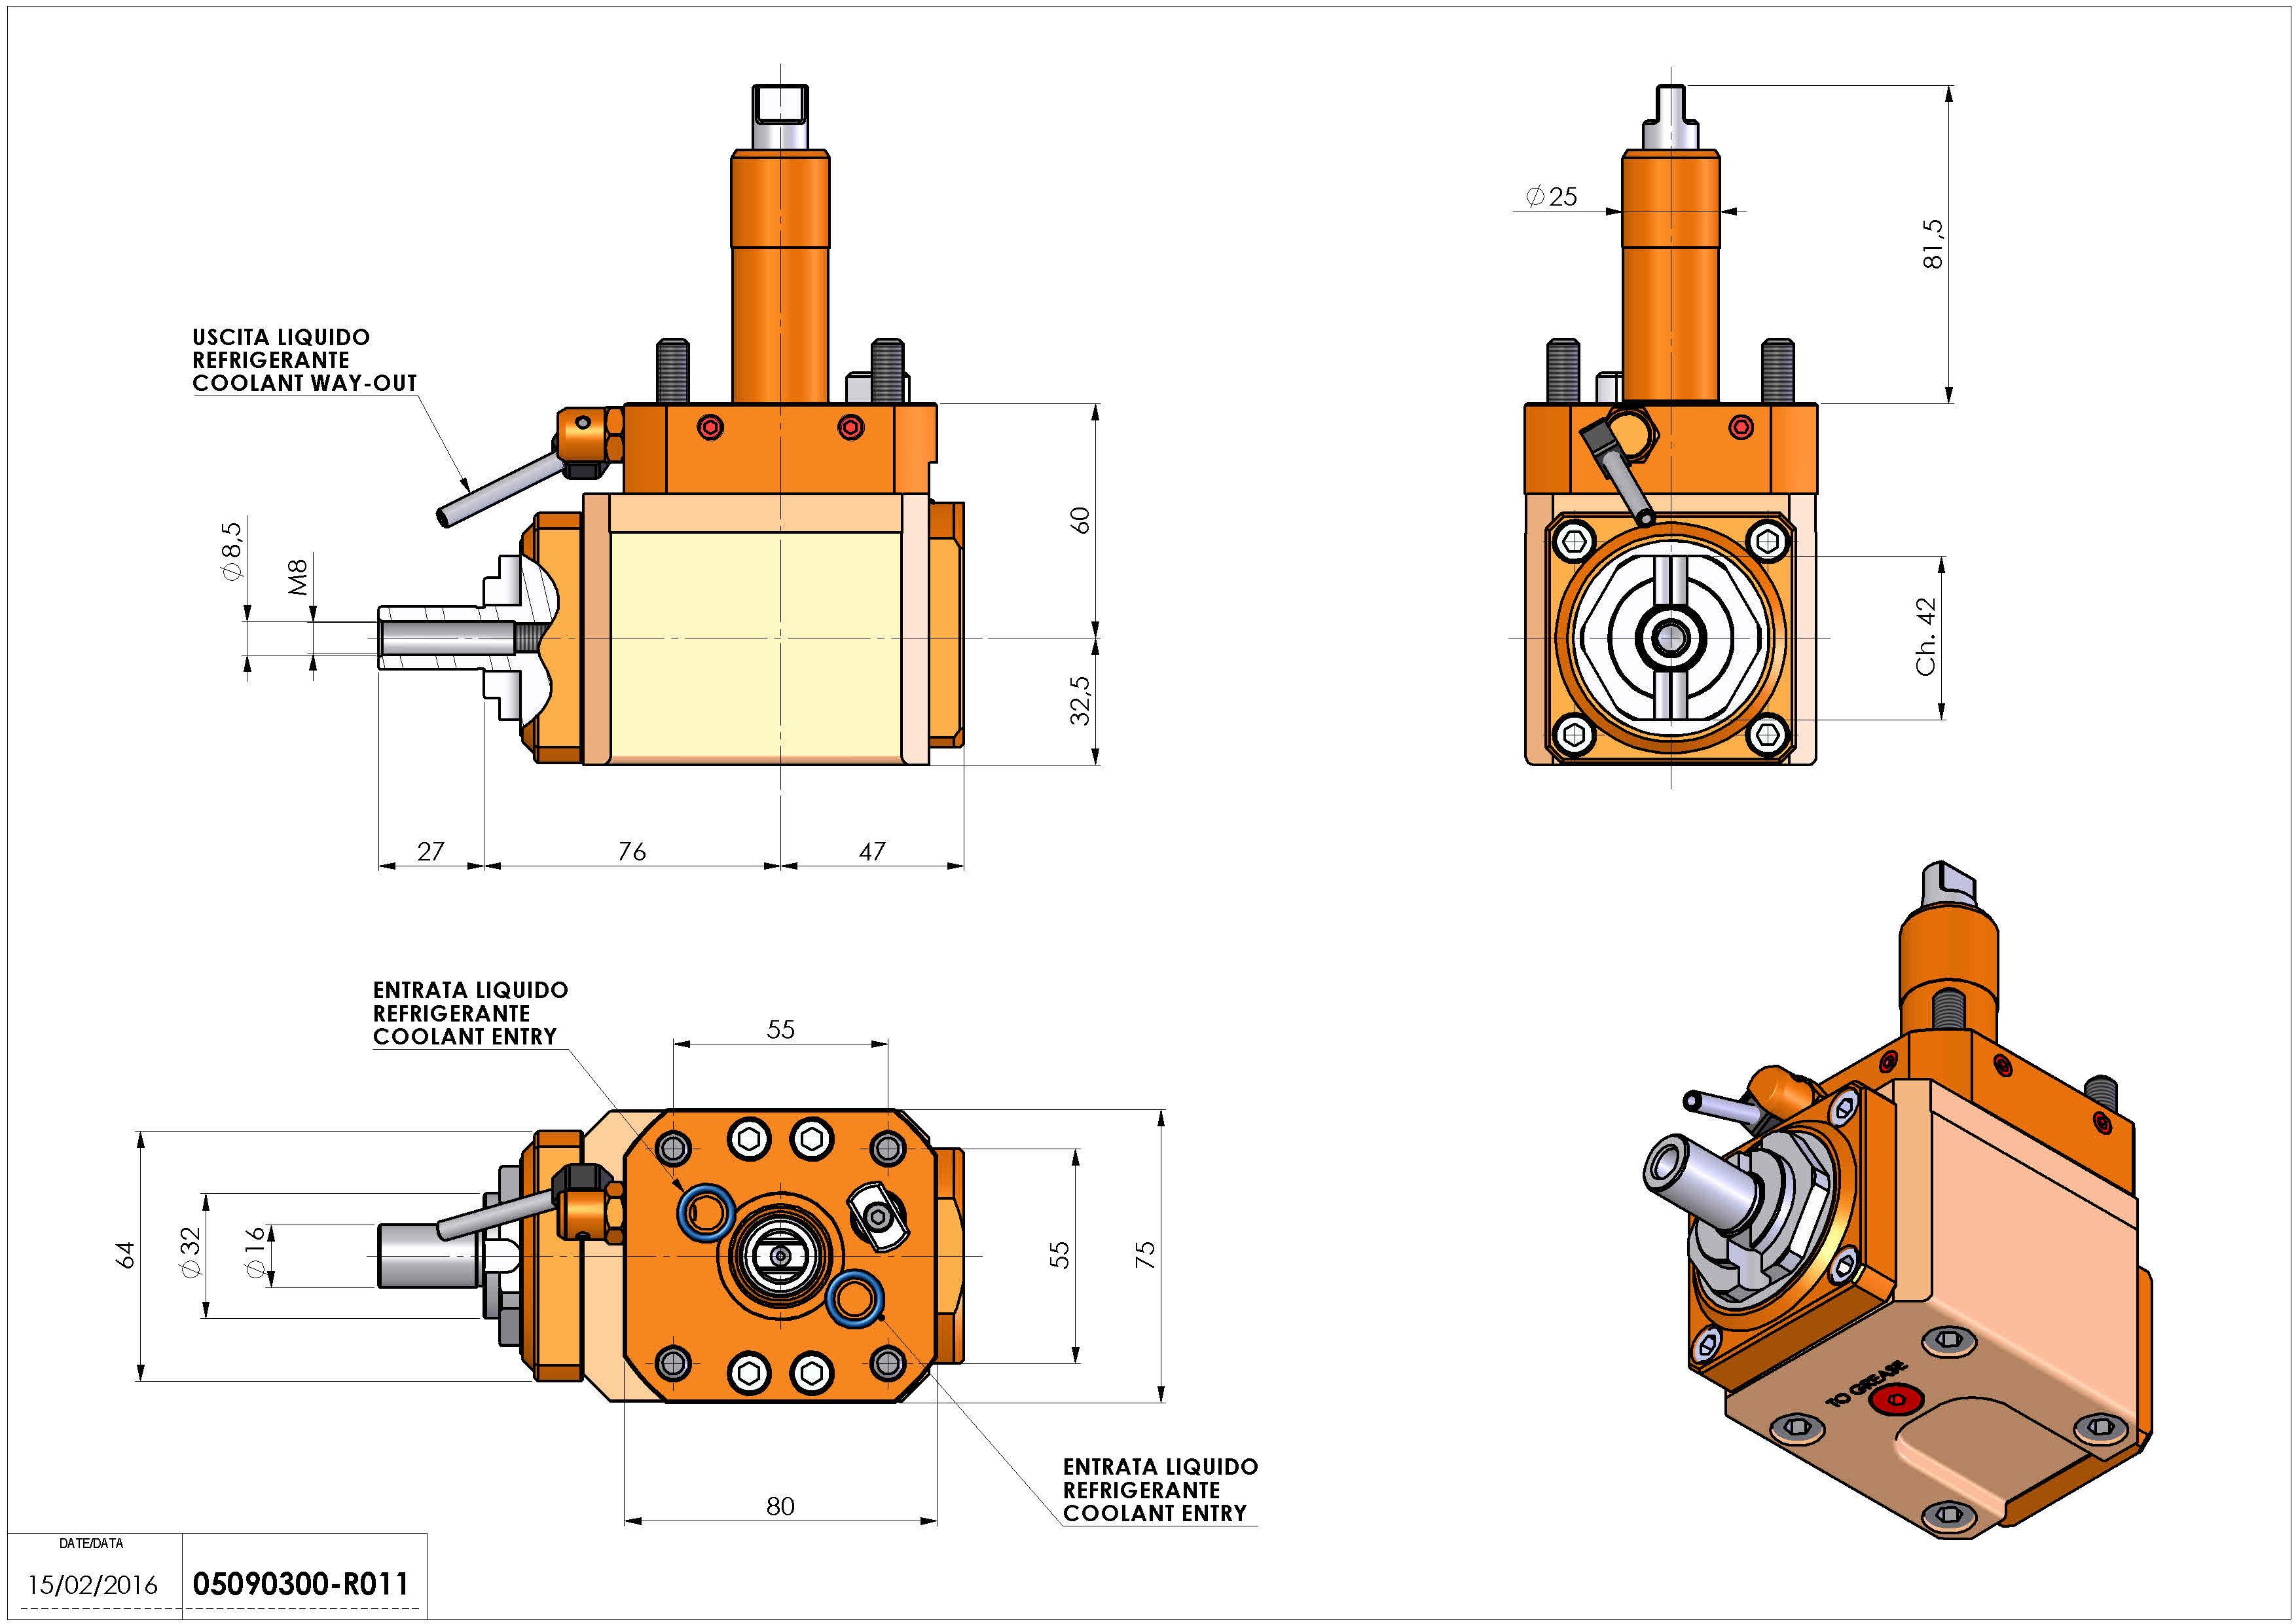 Technical image - LT-A D25 DIN138-16 L-R H60 RO.